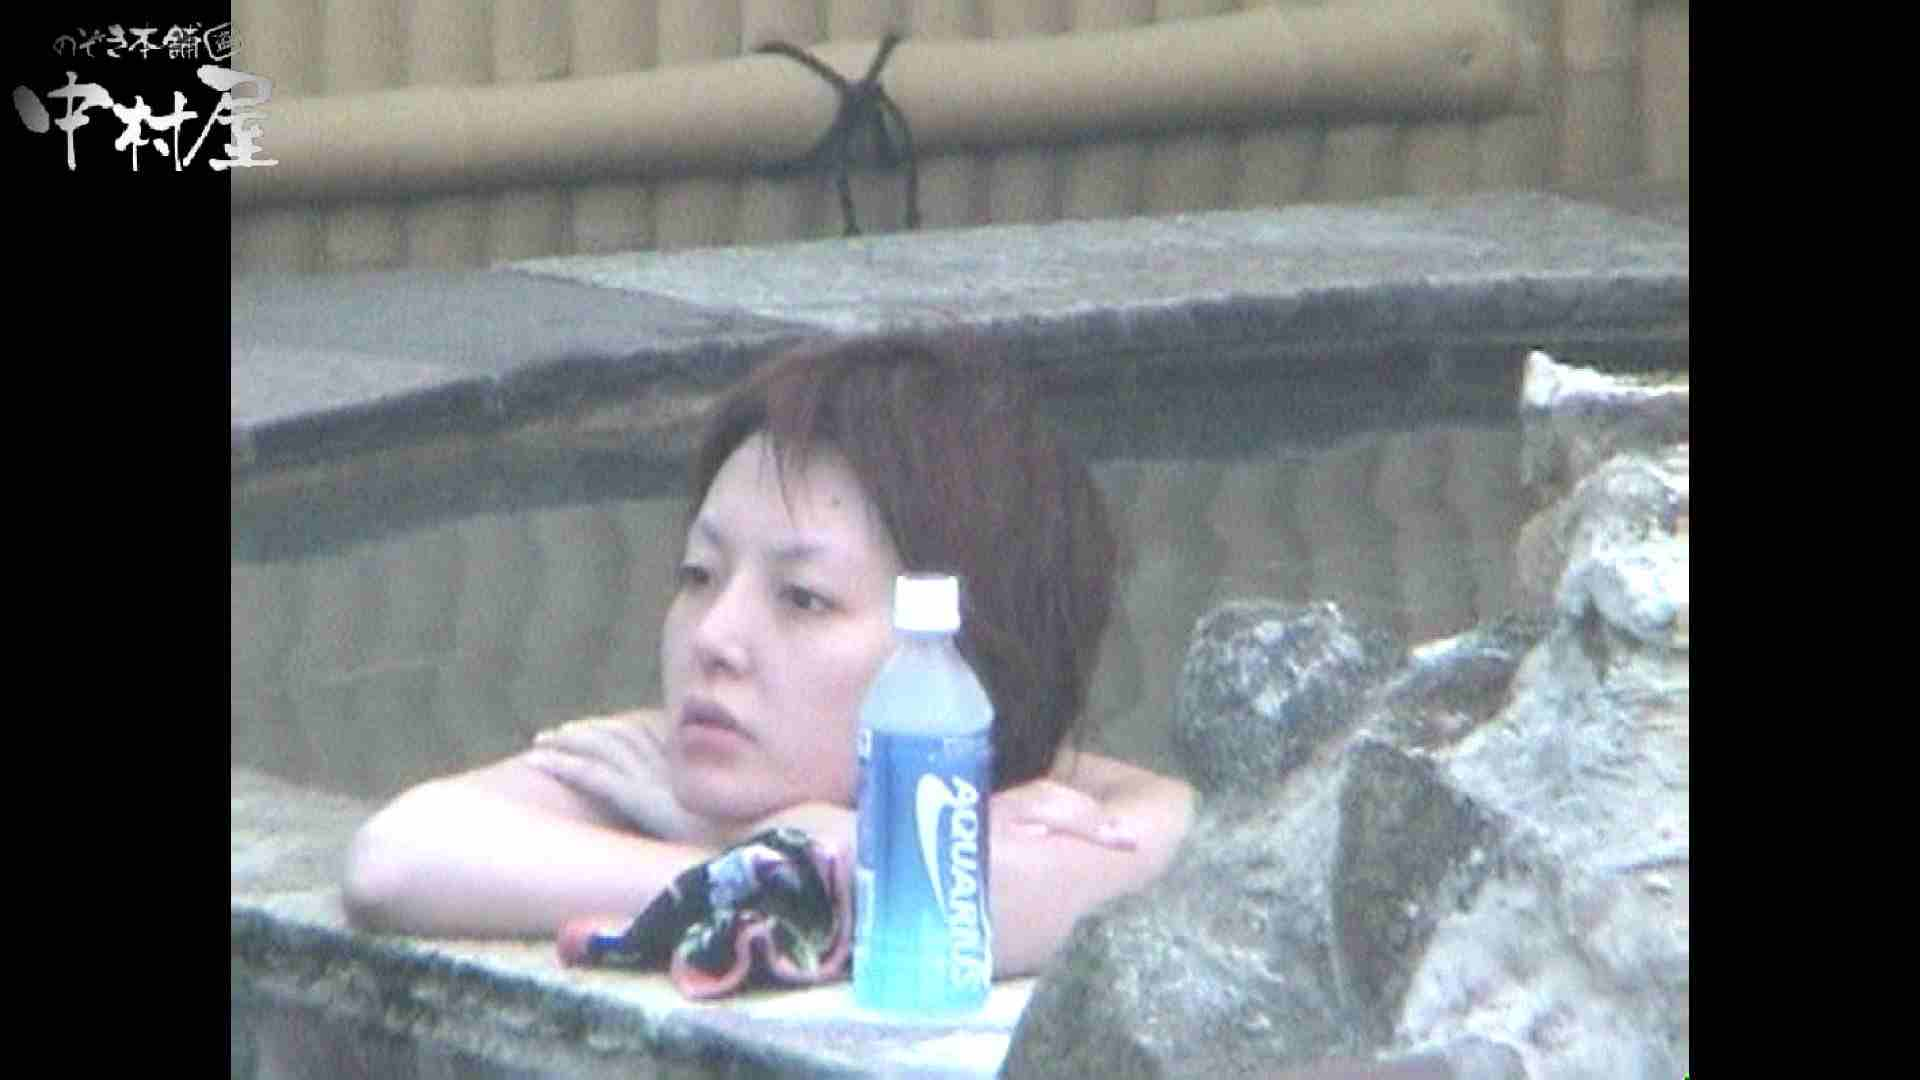 Aquaな露天風呂Vol.959 盗撮 | 綺麗なOLたち  53枚 25